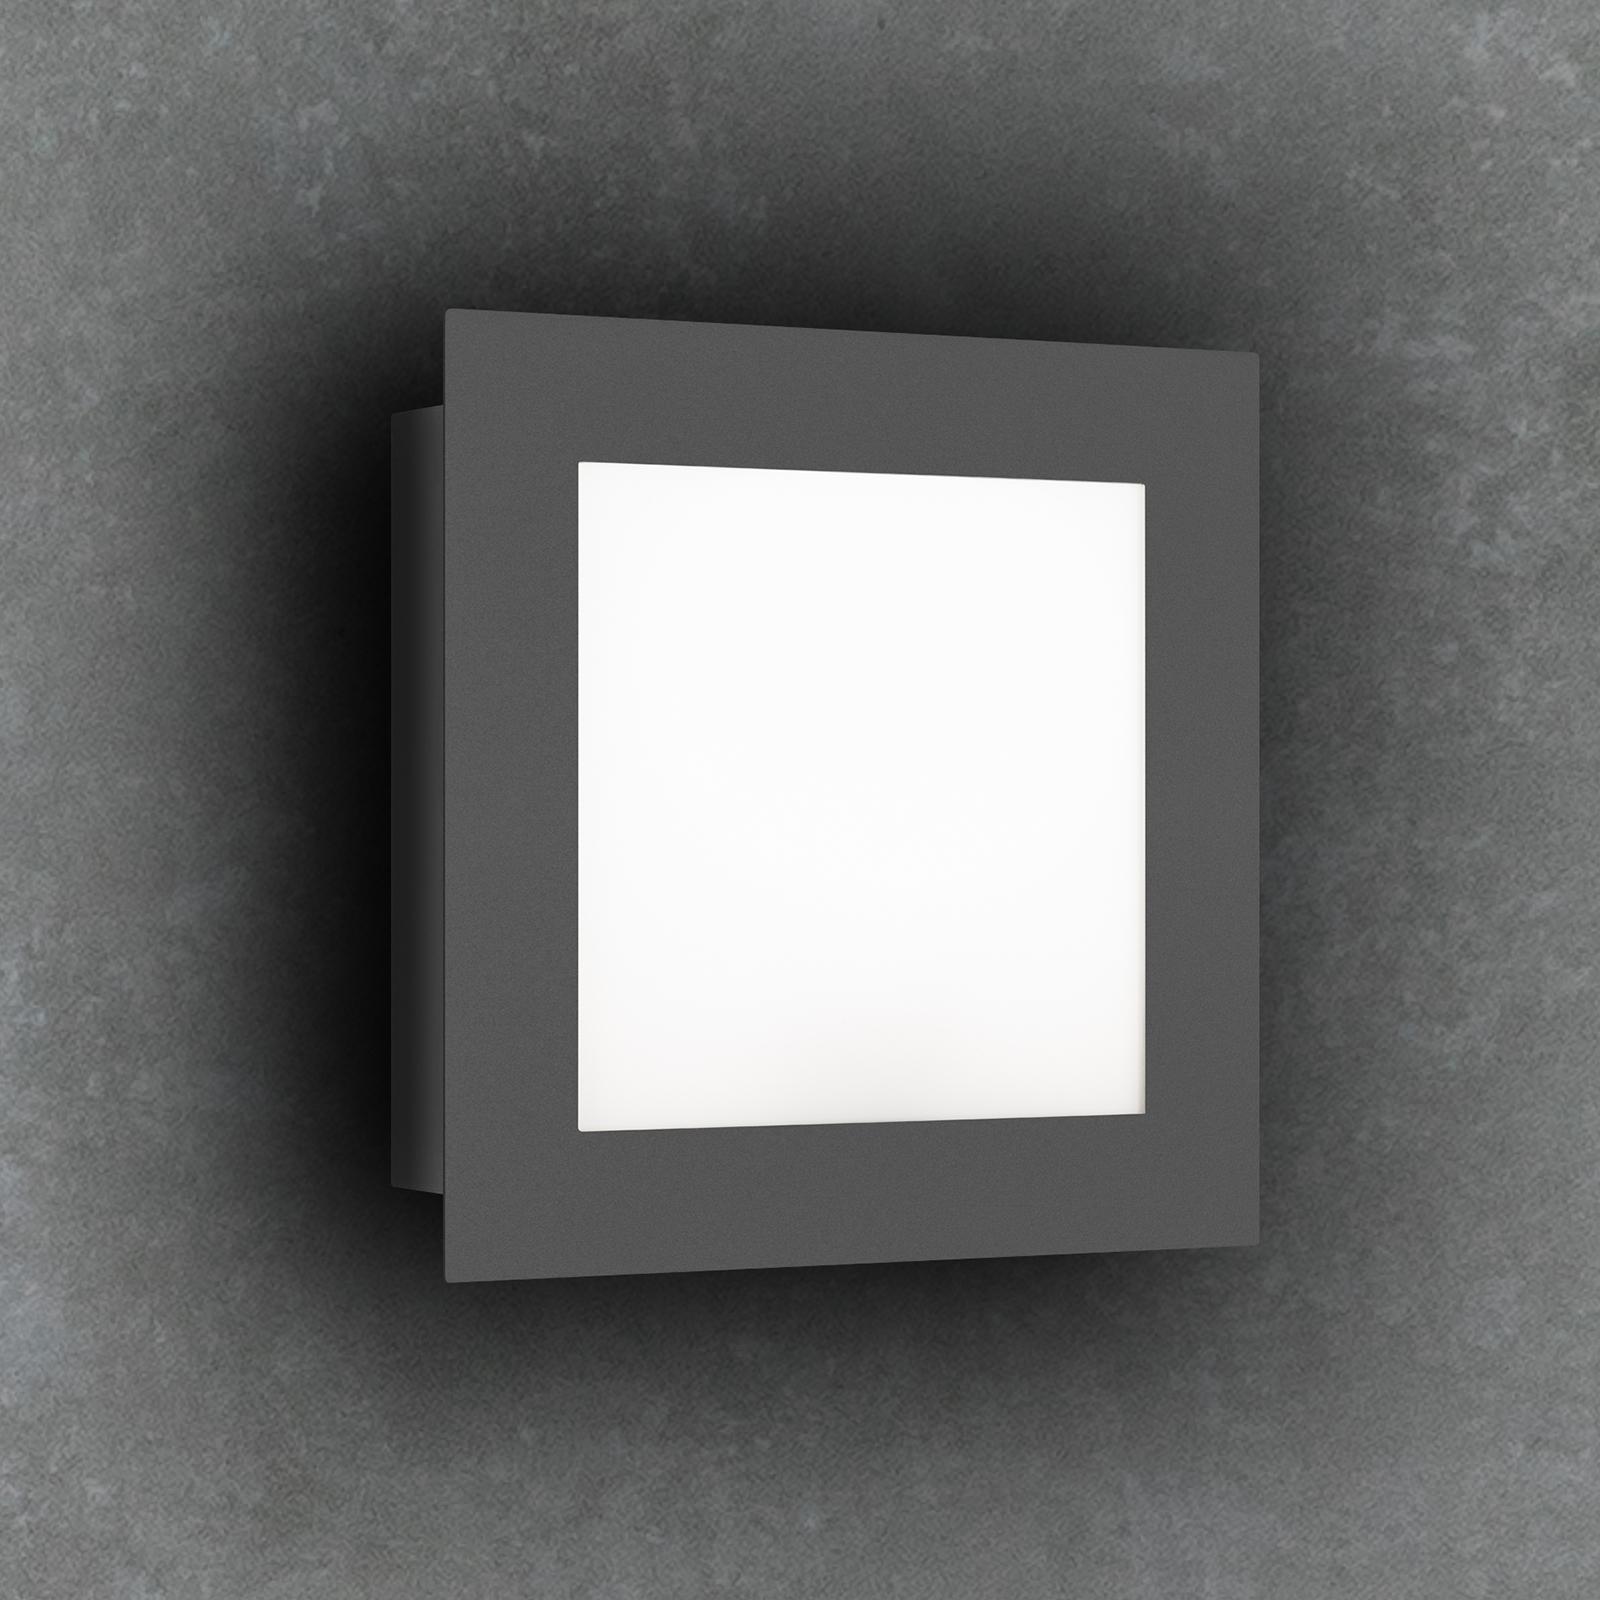 LED-ulkoseinälamppu 3007LEDSEN liiketunnistimella